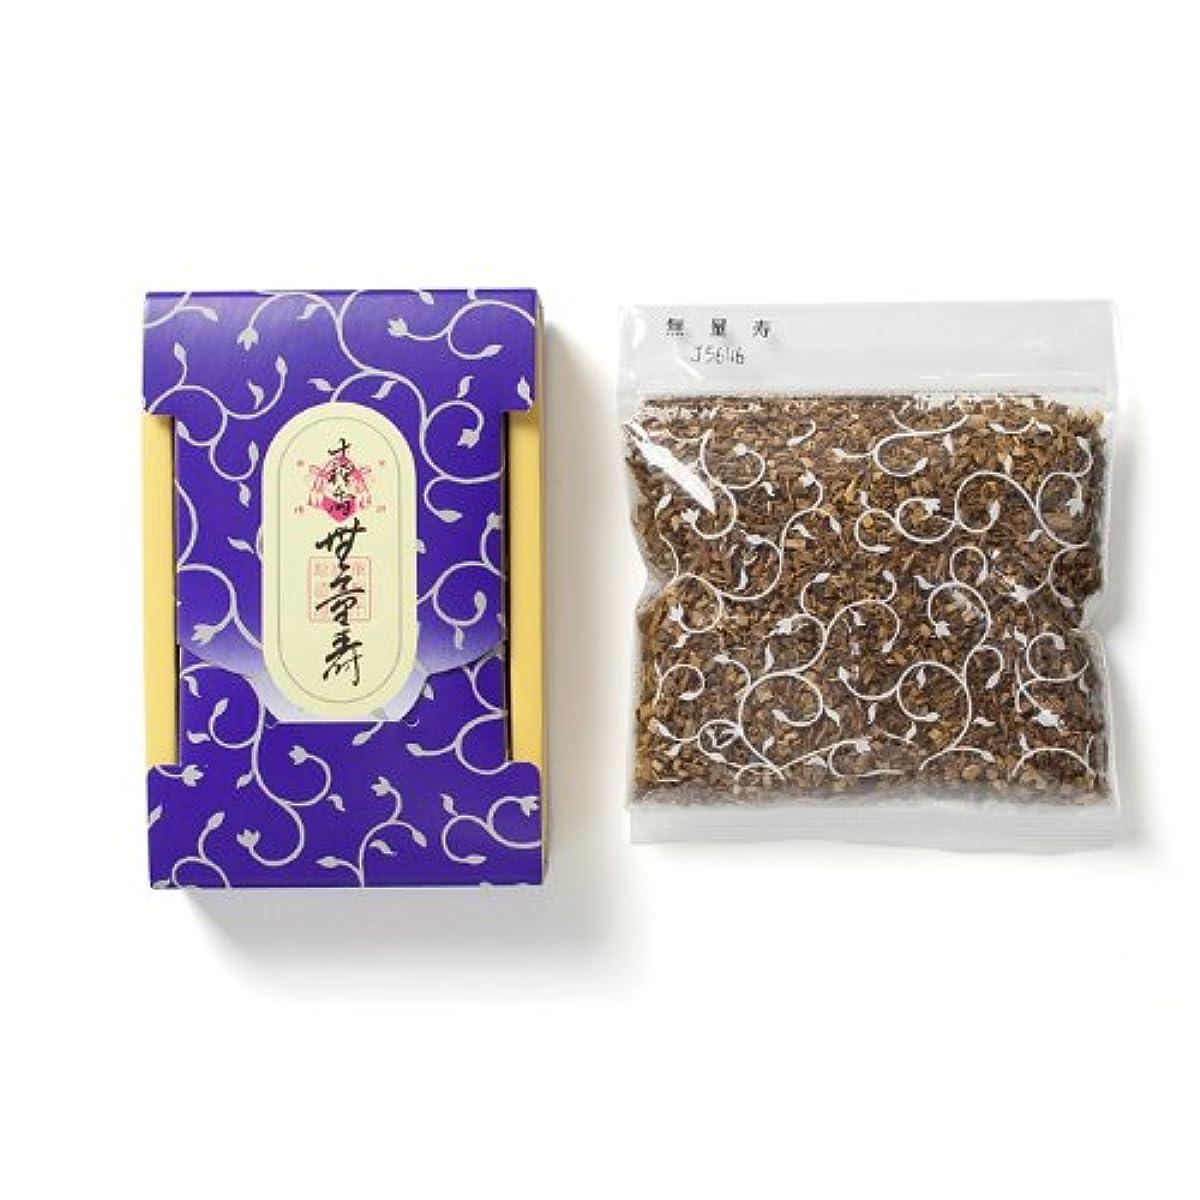 迫害する壮大な申込み松栄堂のお焼香 十種香 無量寿 25g詰 小箱入 #410841